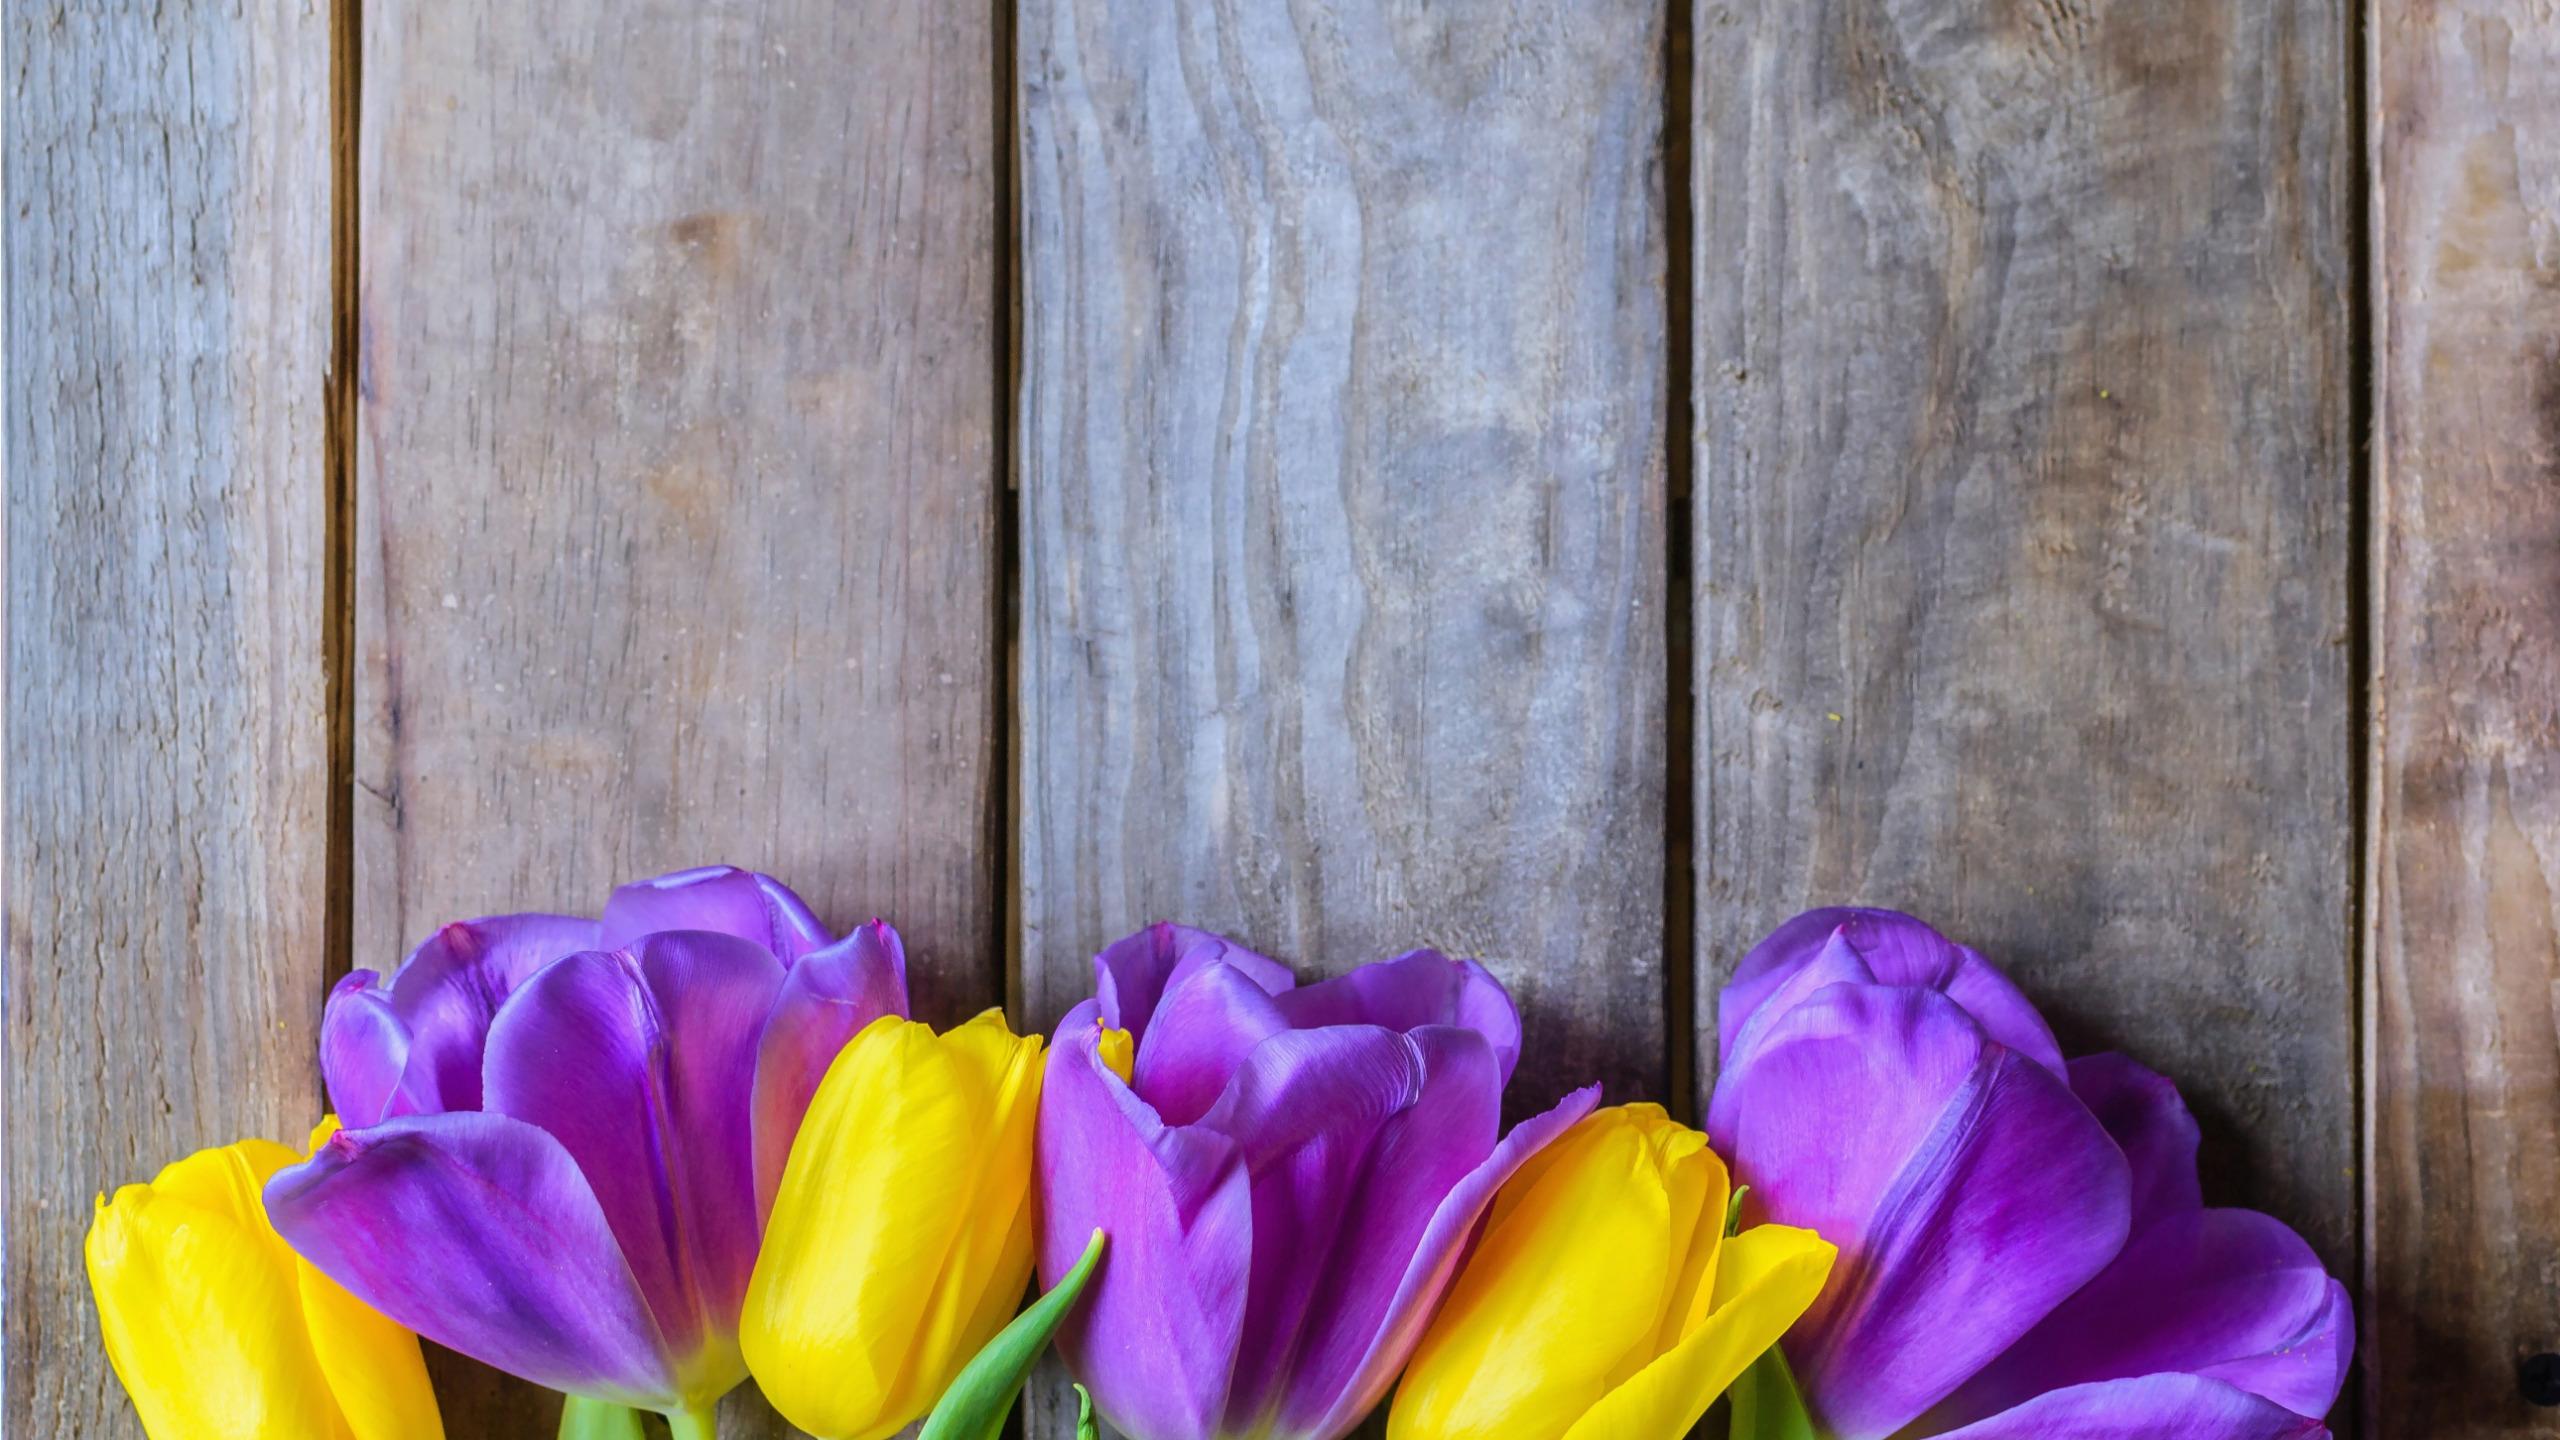 которой тюльпаны в коробке картинки на фоне полосатых обоев сиреневых калькулятор для точного